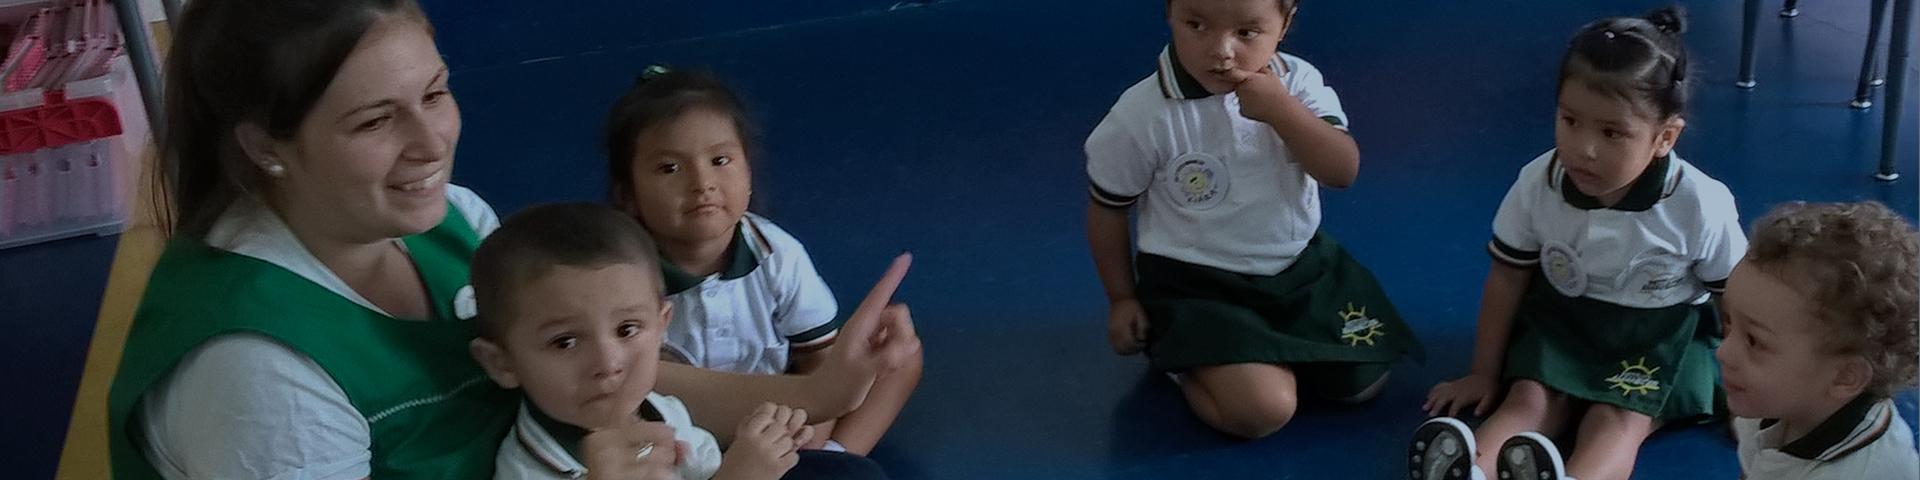 img-nuestra-mirada-VIDEO.jpg